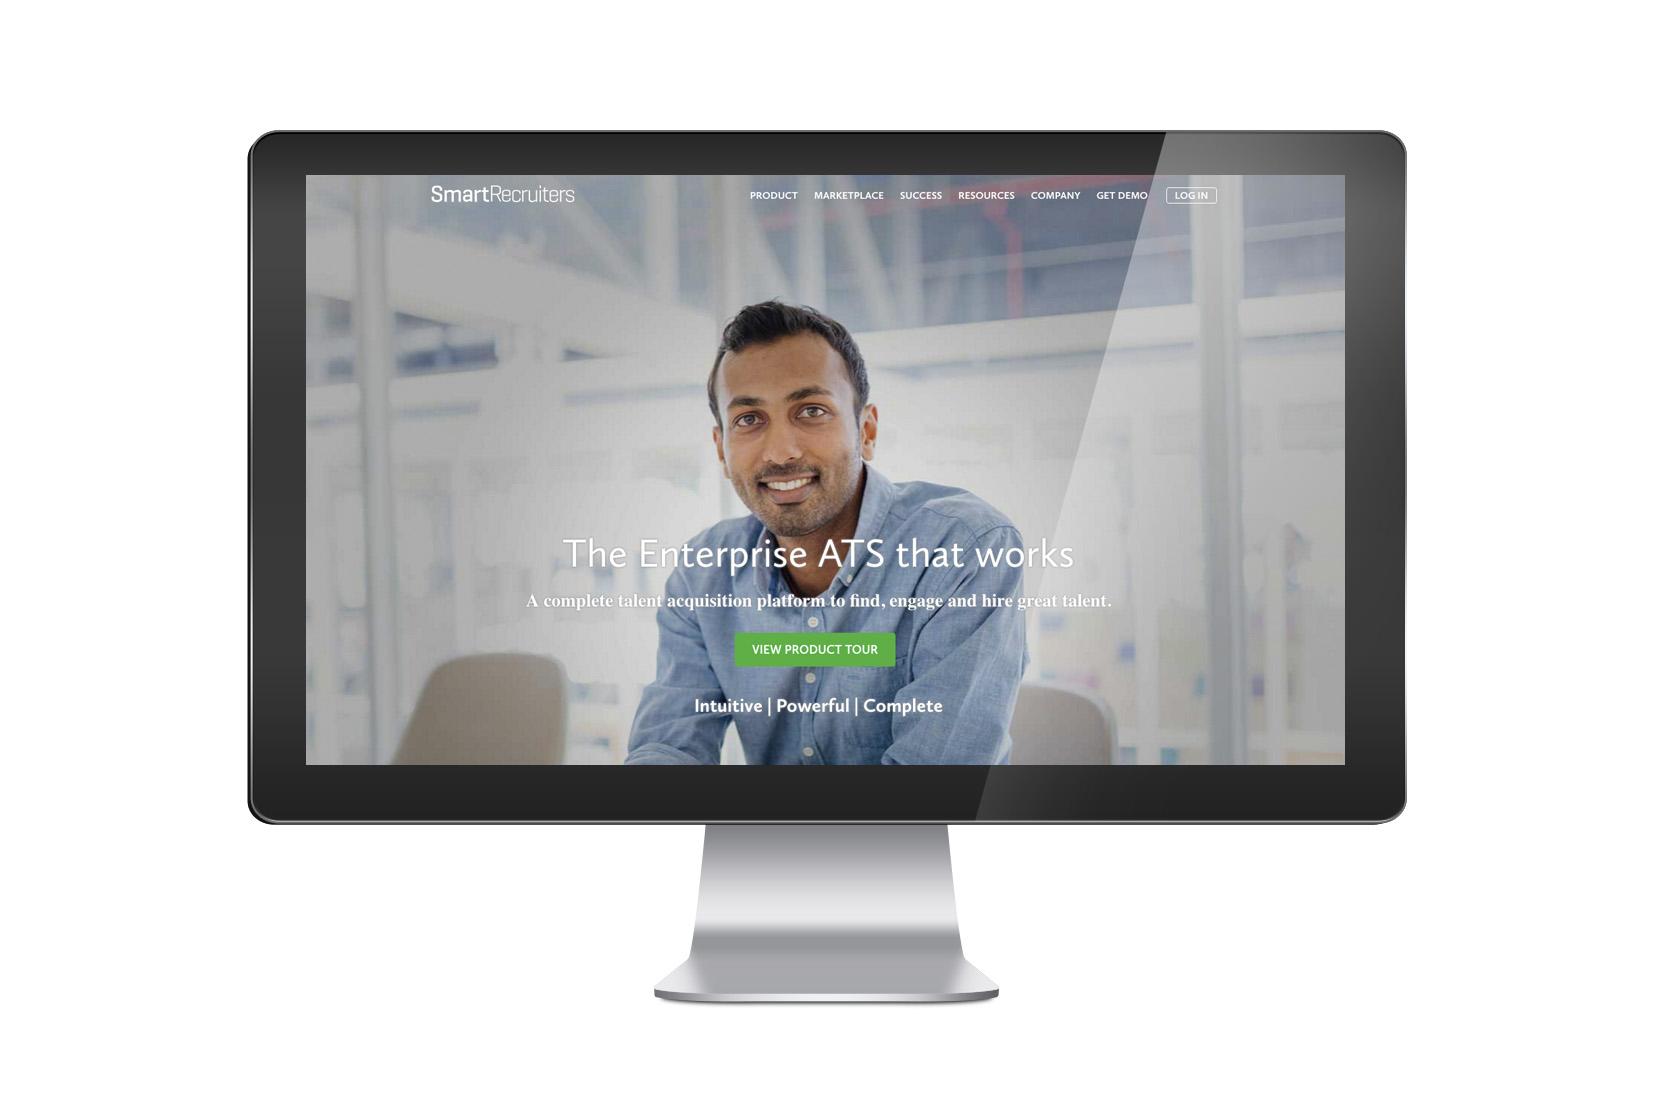 sköna smartrecruiters skona work smart recruiters smart recruiters 2 jpg